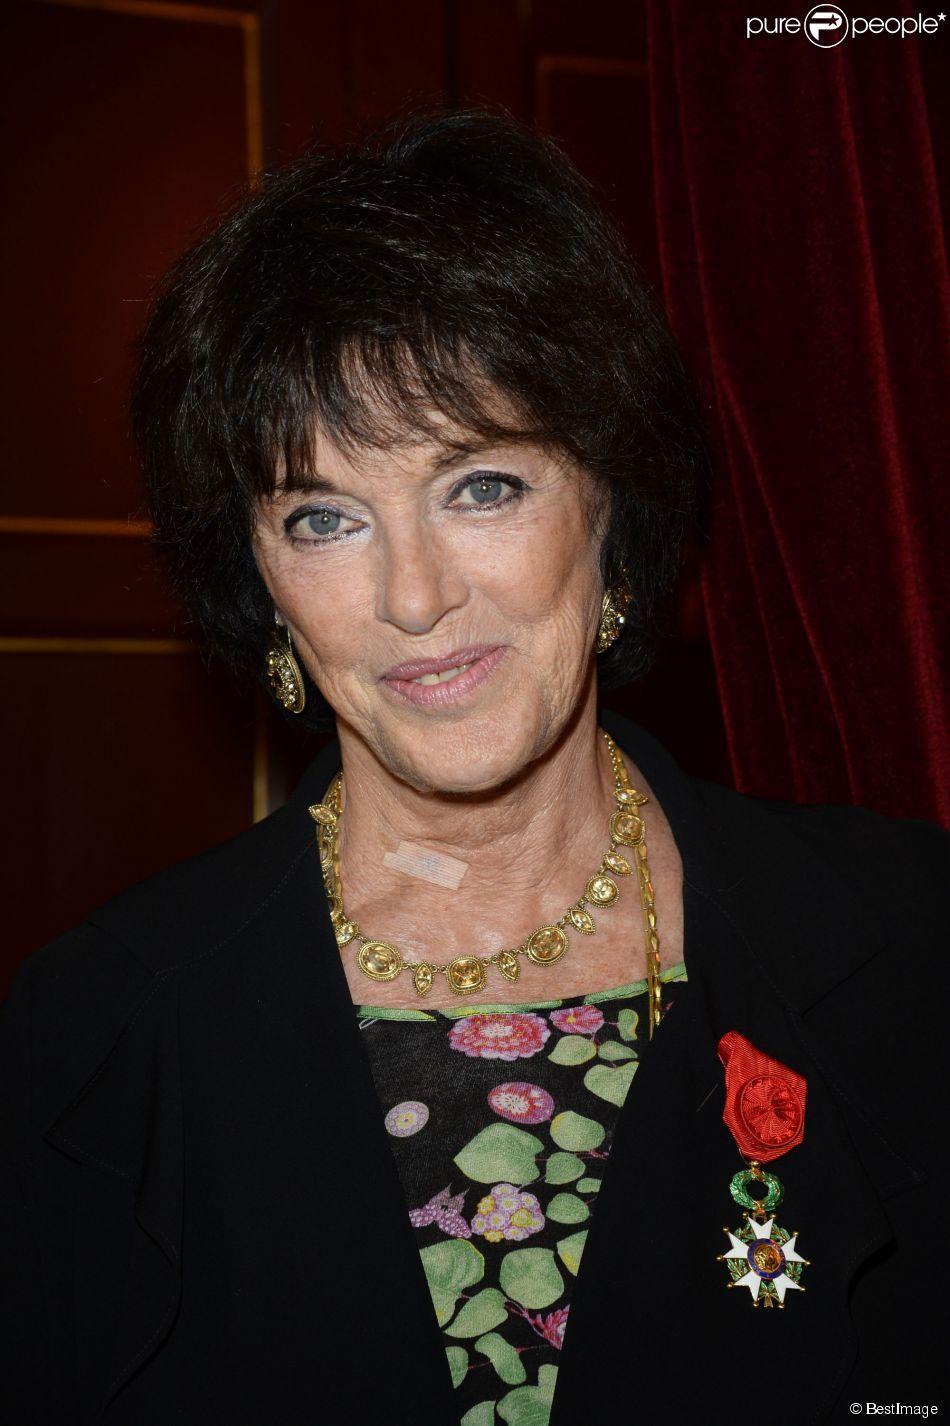 Anny Duperey - Anny Duperey reçoit la médaille d'Officier de la Légion d'Honneur au théâtre du Palais Royal à Paris. Le 6 octobre 2014